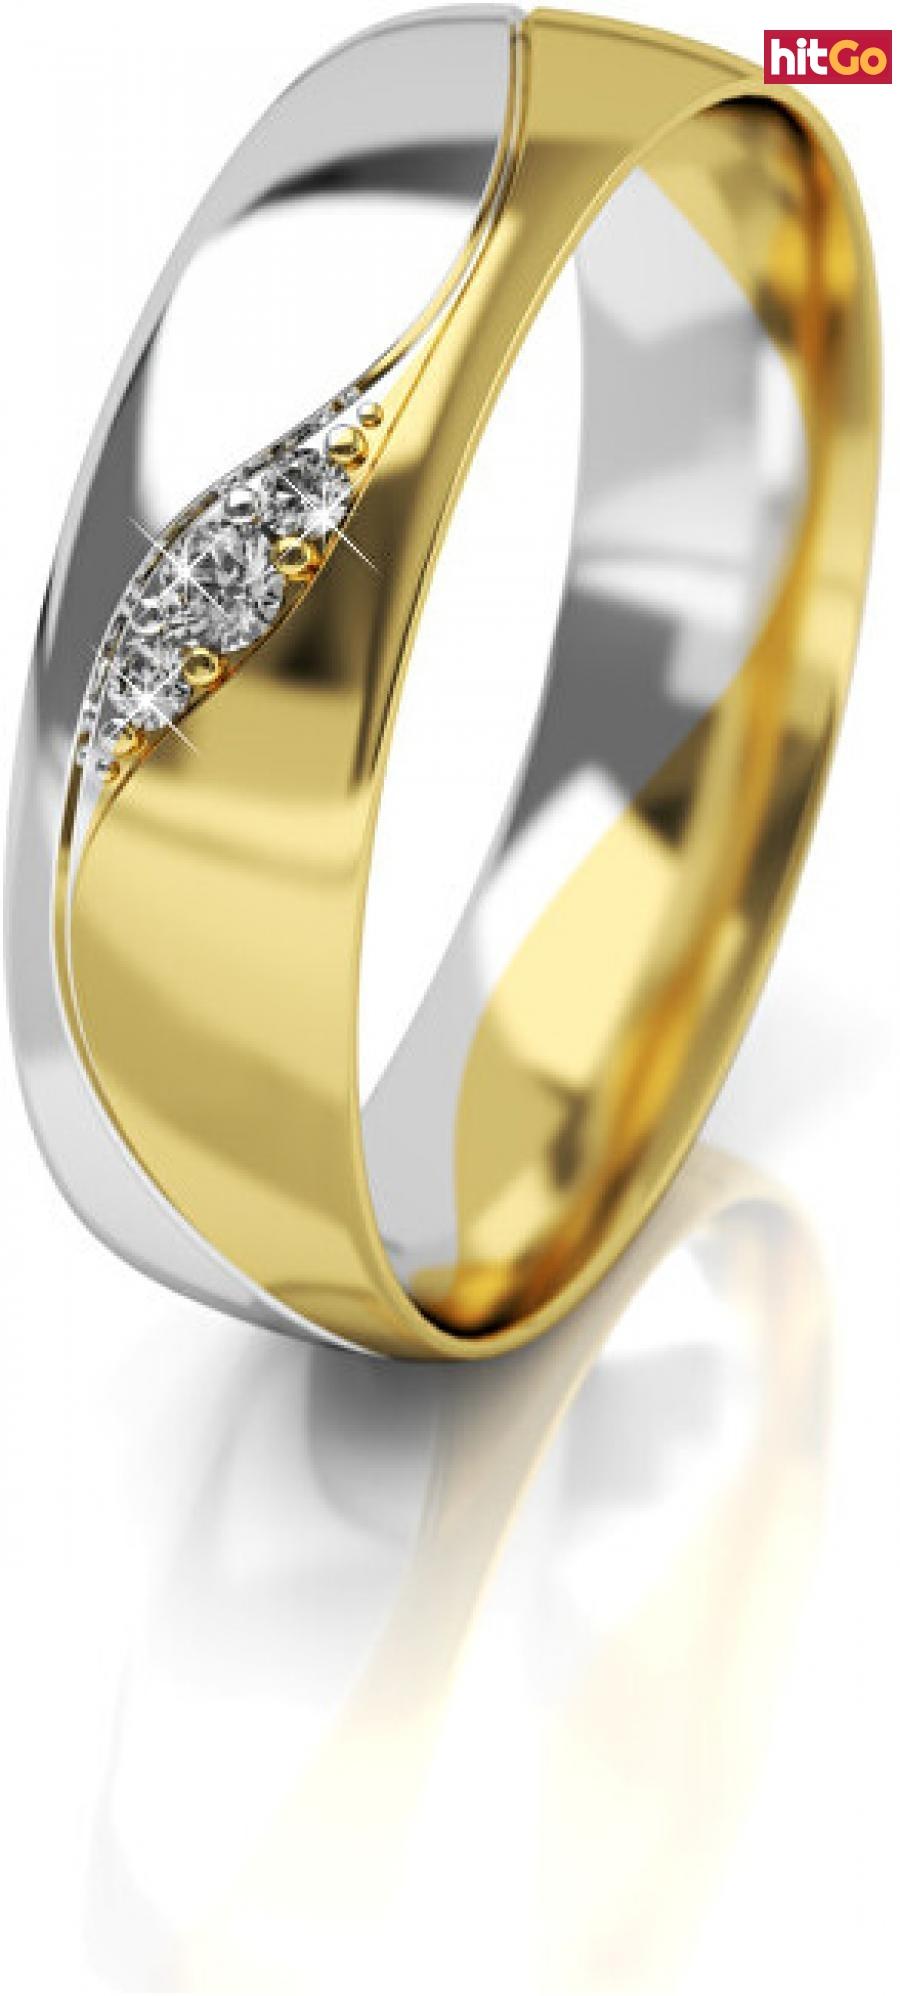 Art Diamond Dámský bicolor snubní prsten ze zlata se zirkony AUG276 58 mm dámské